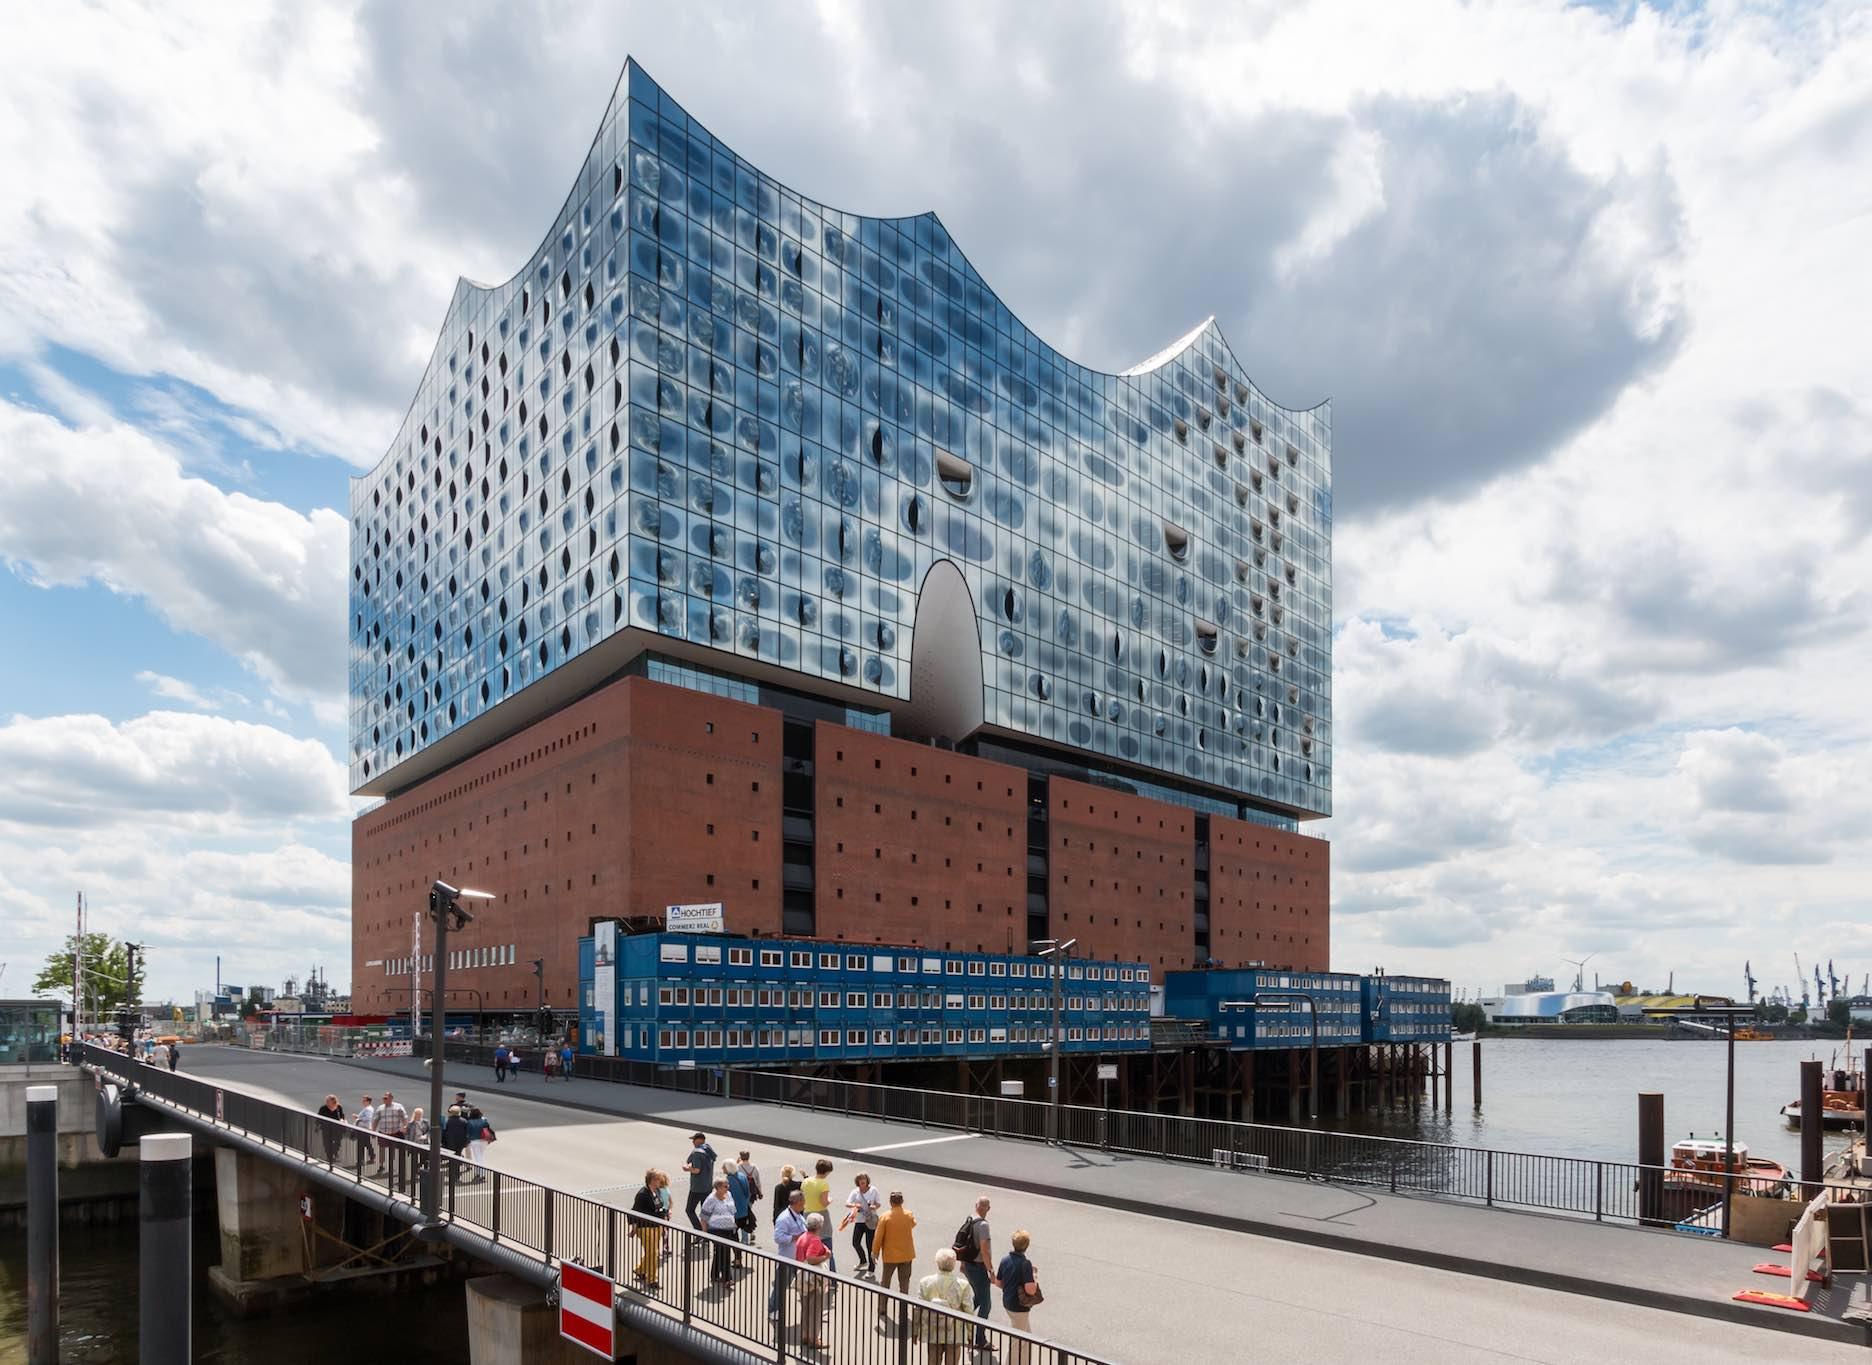 Impresionante ejemplo del urbanismo de la Hafencity, con el edificio de la Filarmónica de Hamburgo, la Elbphilharmonie.